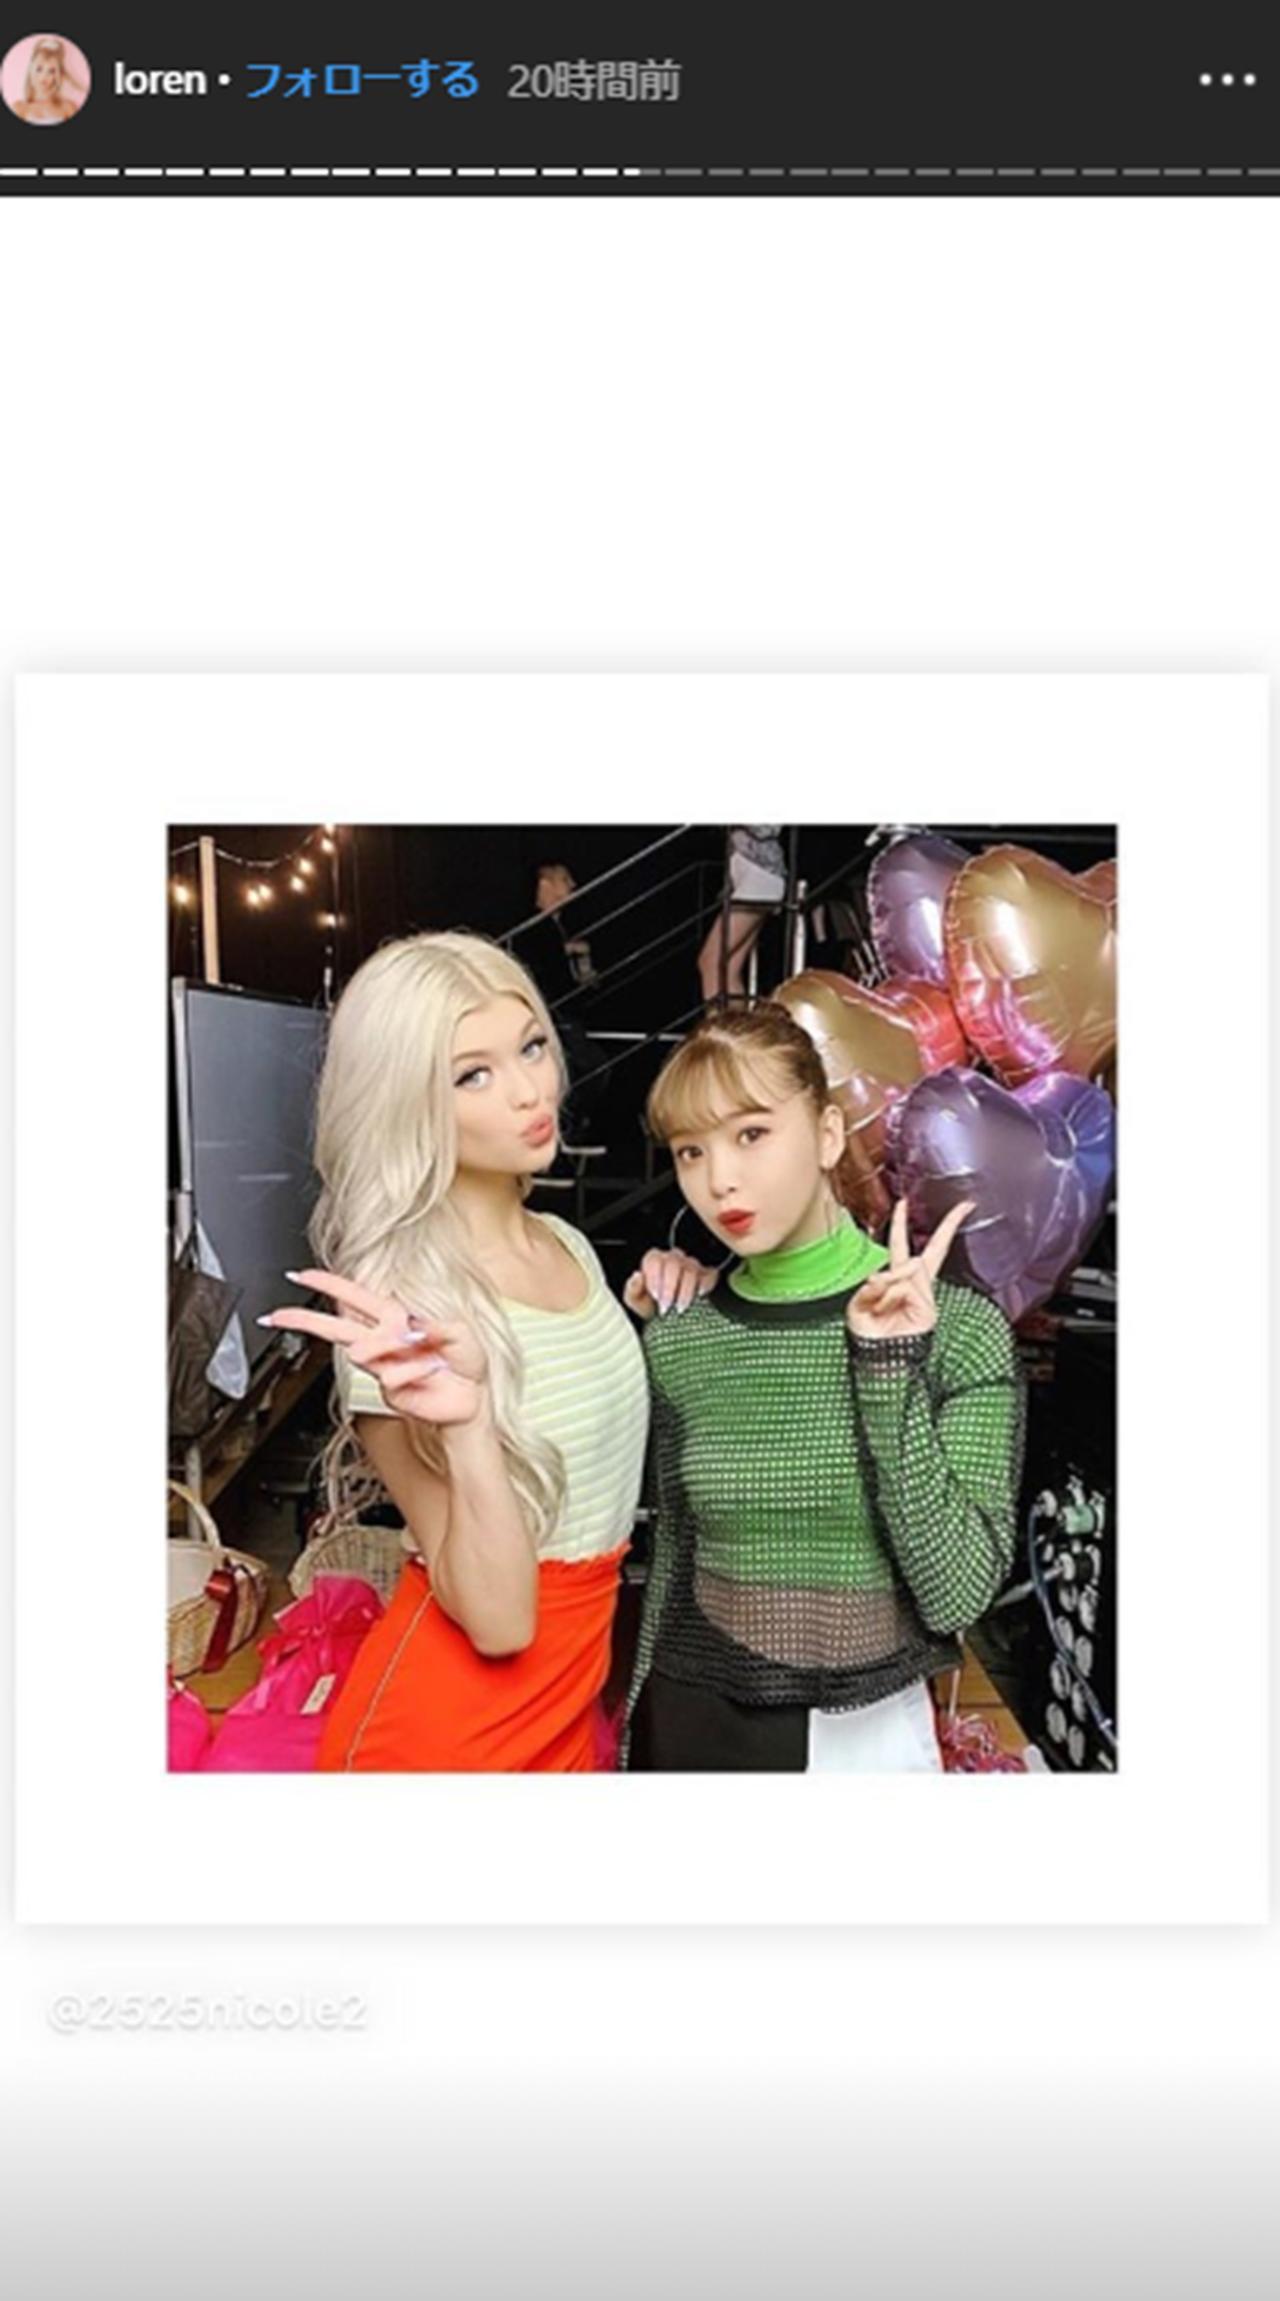 画像: 16歳のリアルバービー、ローレン・グレイが来日!日本ではあの芸能人とも対面